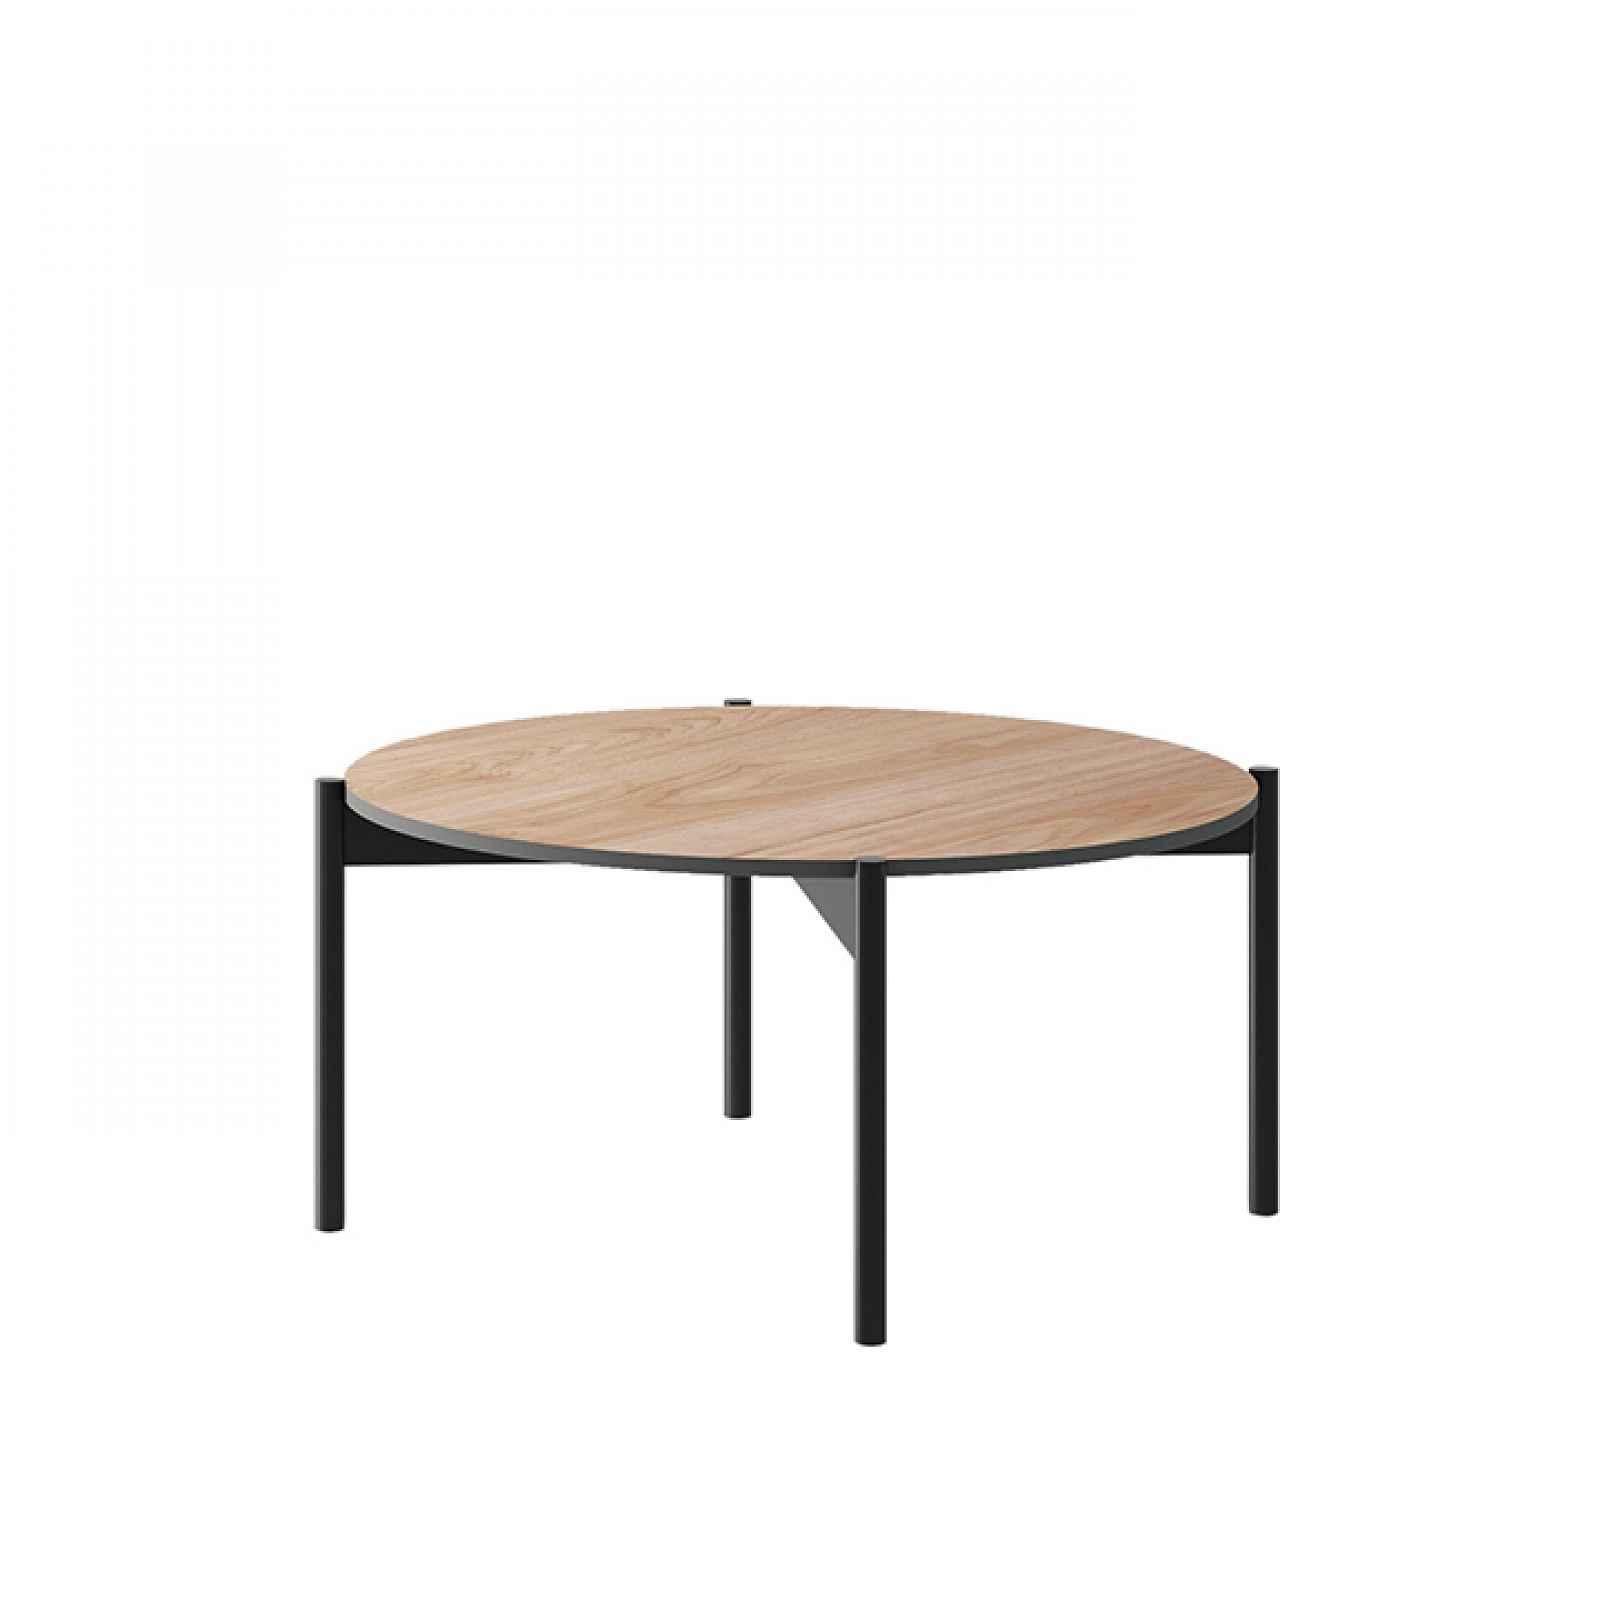 Konferenční stolek, dub jaskson hickory/grafit, BERGEN BL86 0000239099 Tempo Kondela